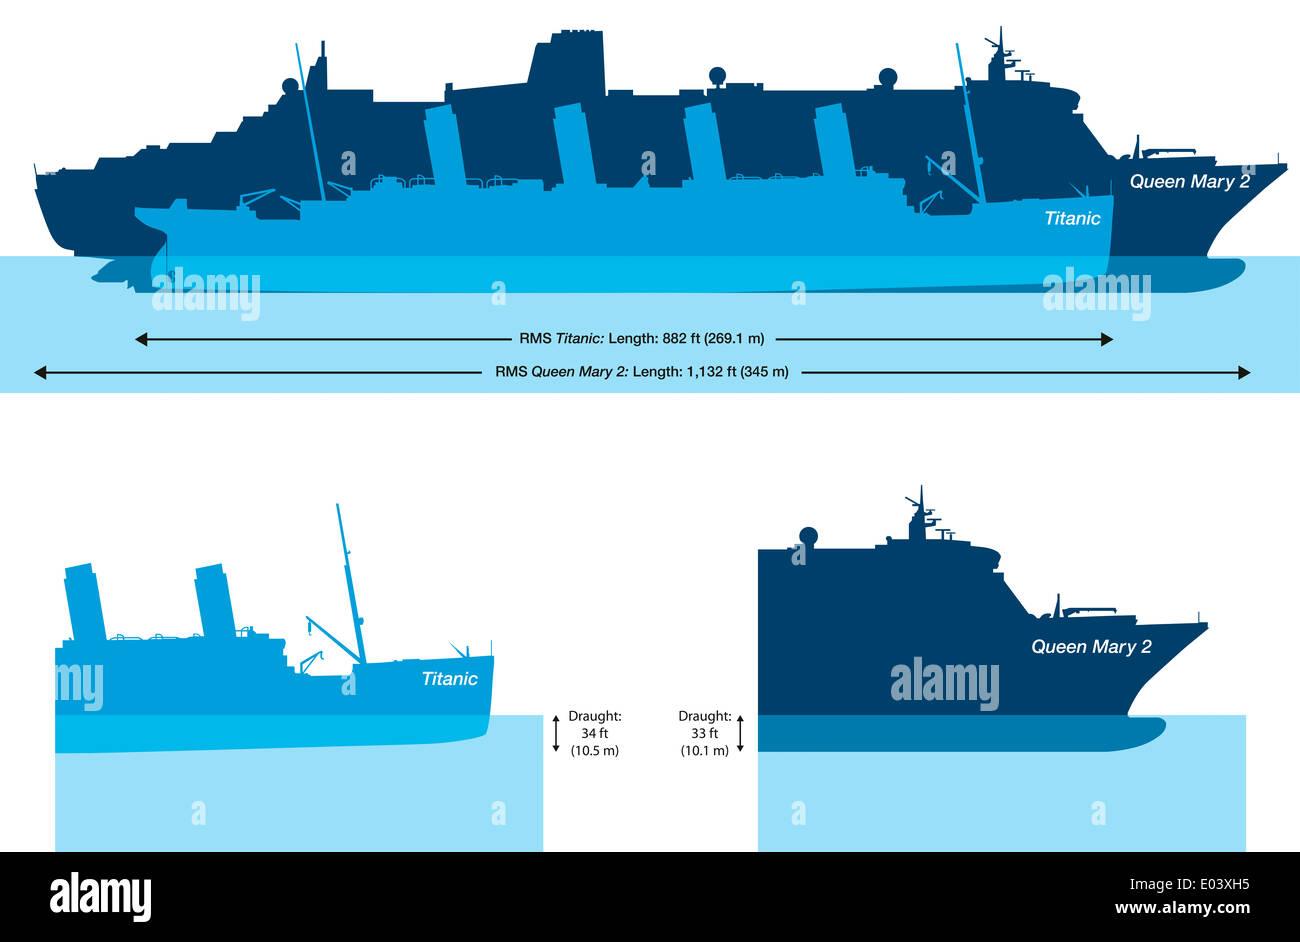 titanic und queen mary 2 gr e vergleich und wassertiefe auf der titanic und queen mary 2. Black Bedroom Furniture Sets. Home Design Ideas